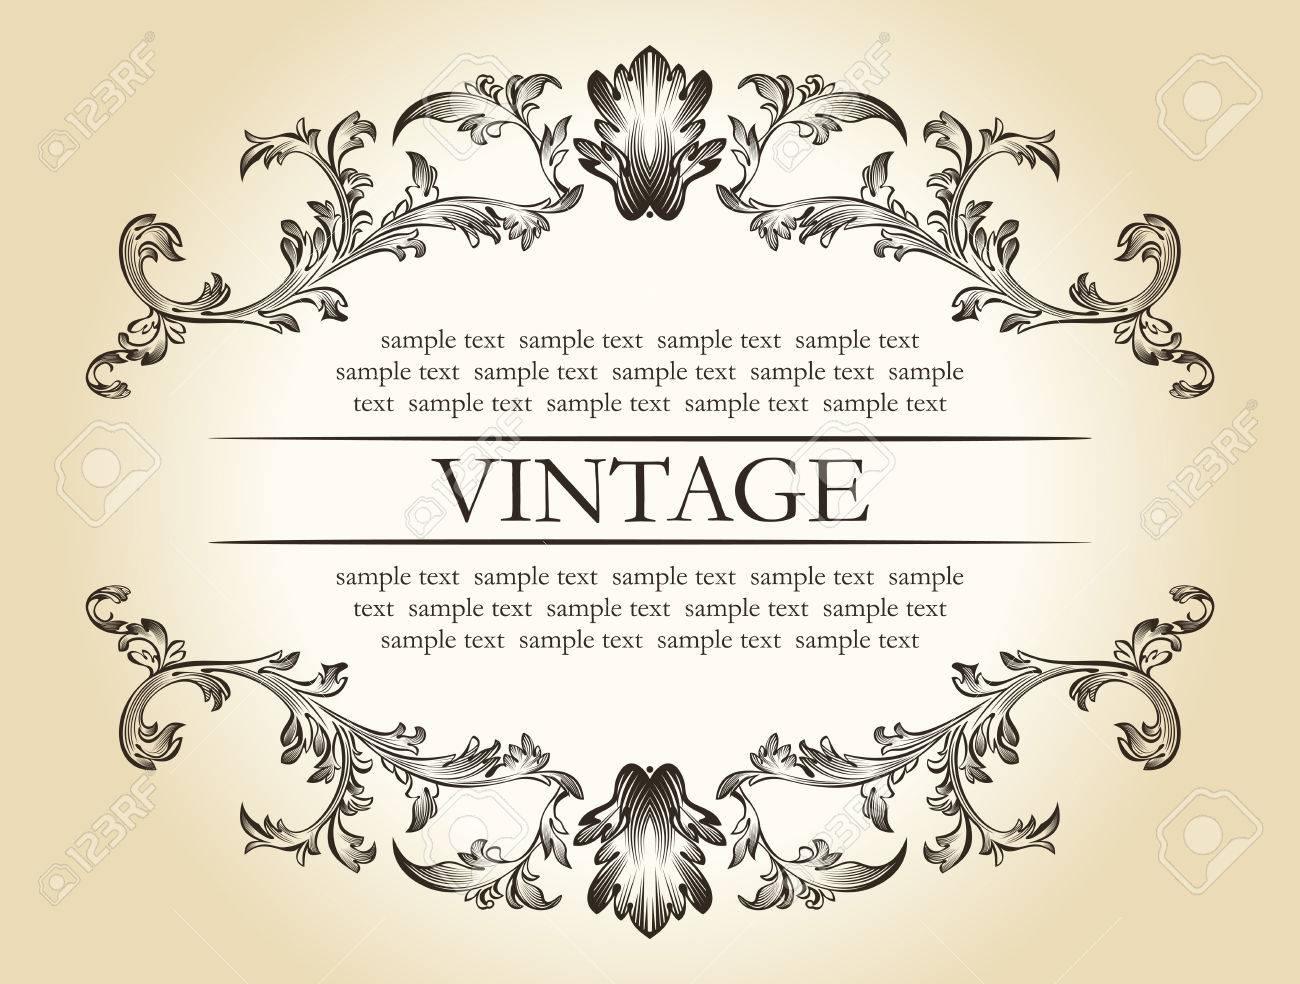 Vector Vintage Royal Rétro Ornement Cadre Texte Décoration